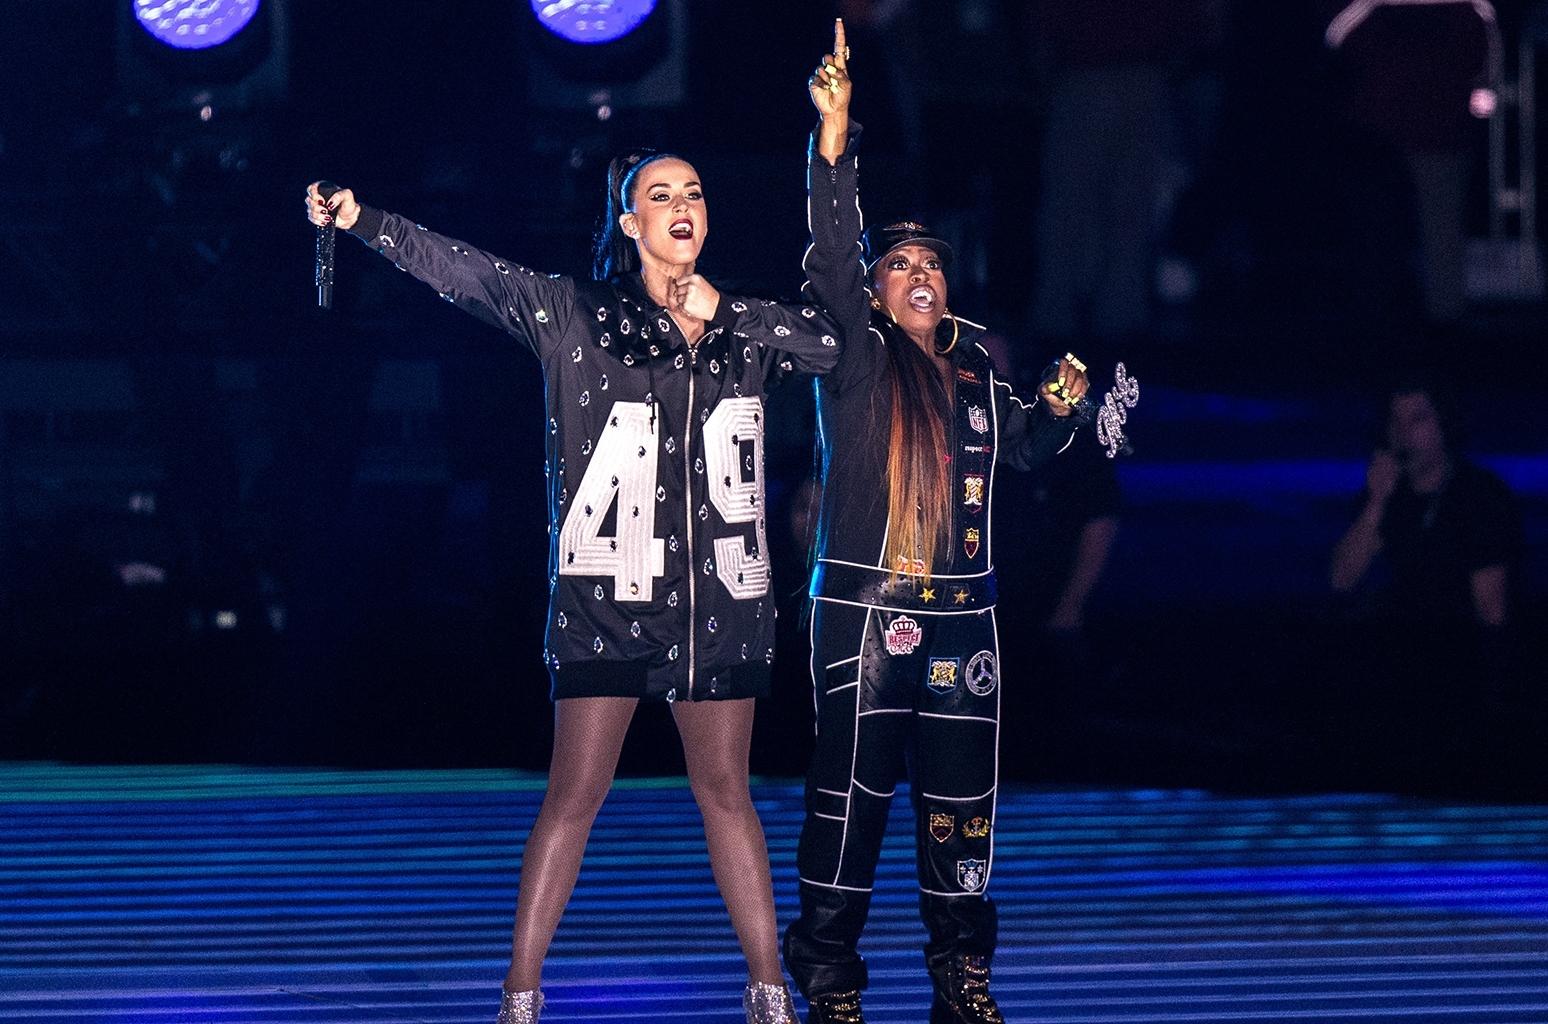 Missy Elliott's 2015 Super Bowl Performance: She Admits She regarding Missy Elliott Super Bowl